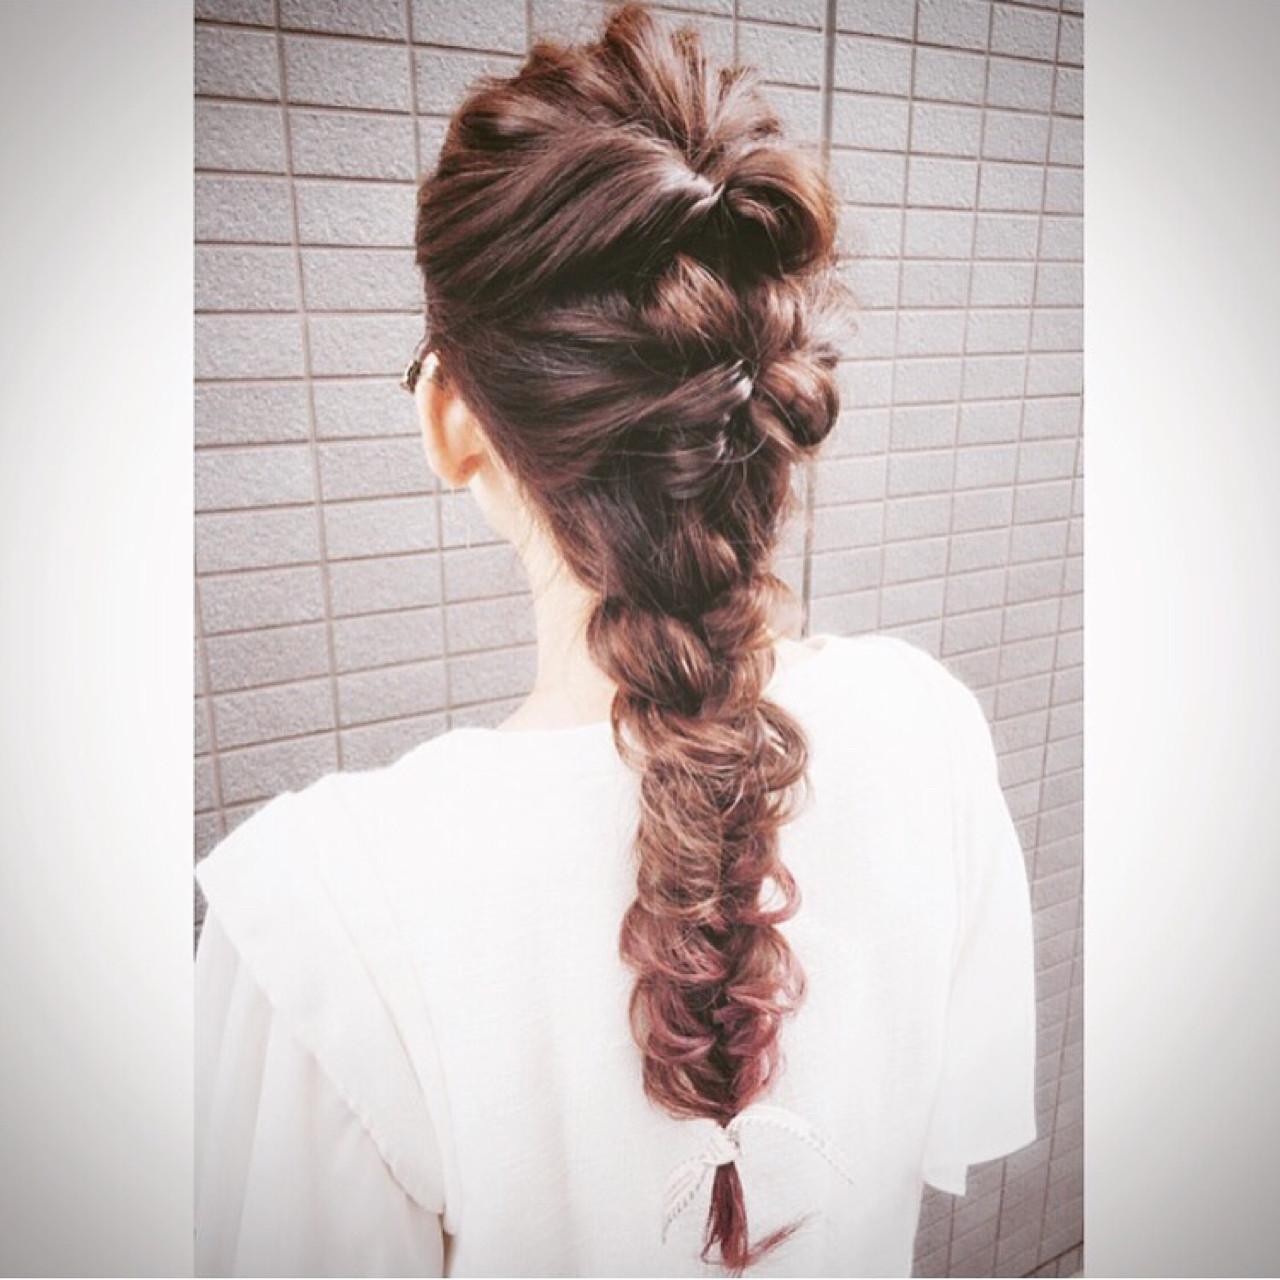 簡単にできるんです!難しそうなフィッシュボーンヘアアレンジ攻略法 ◆Takumi◆